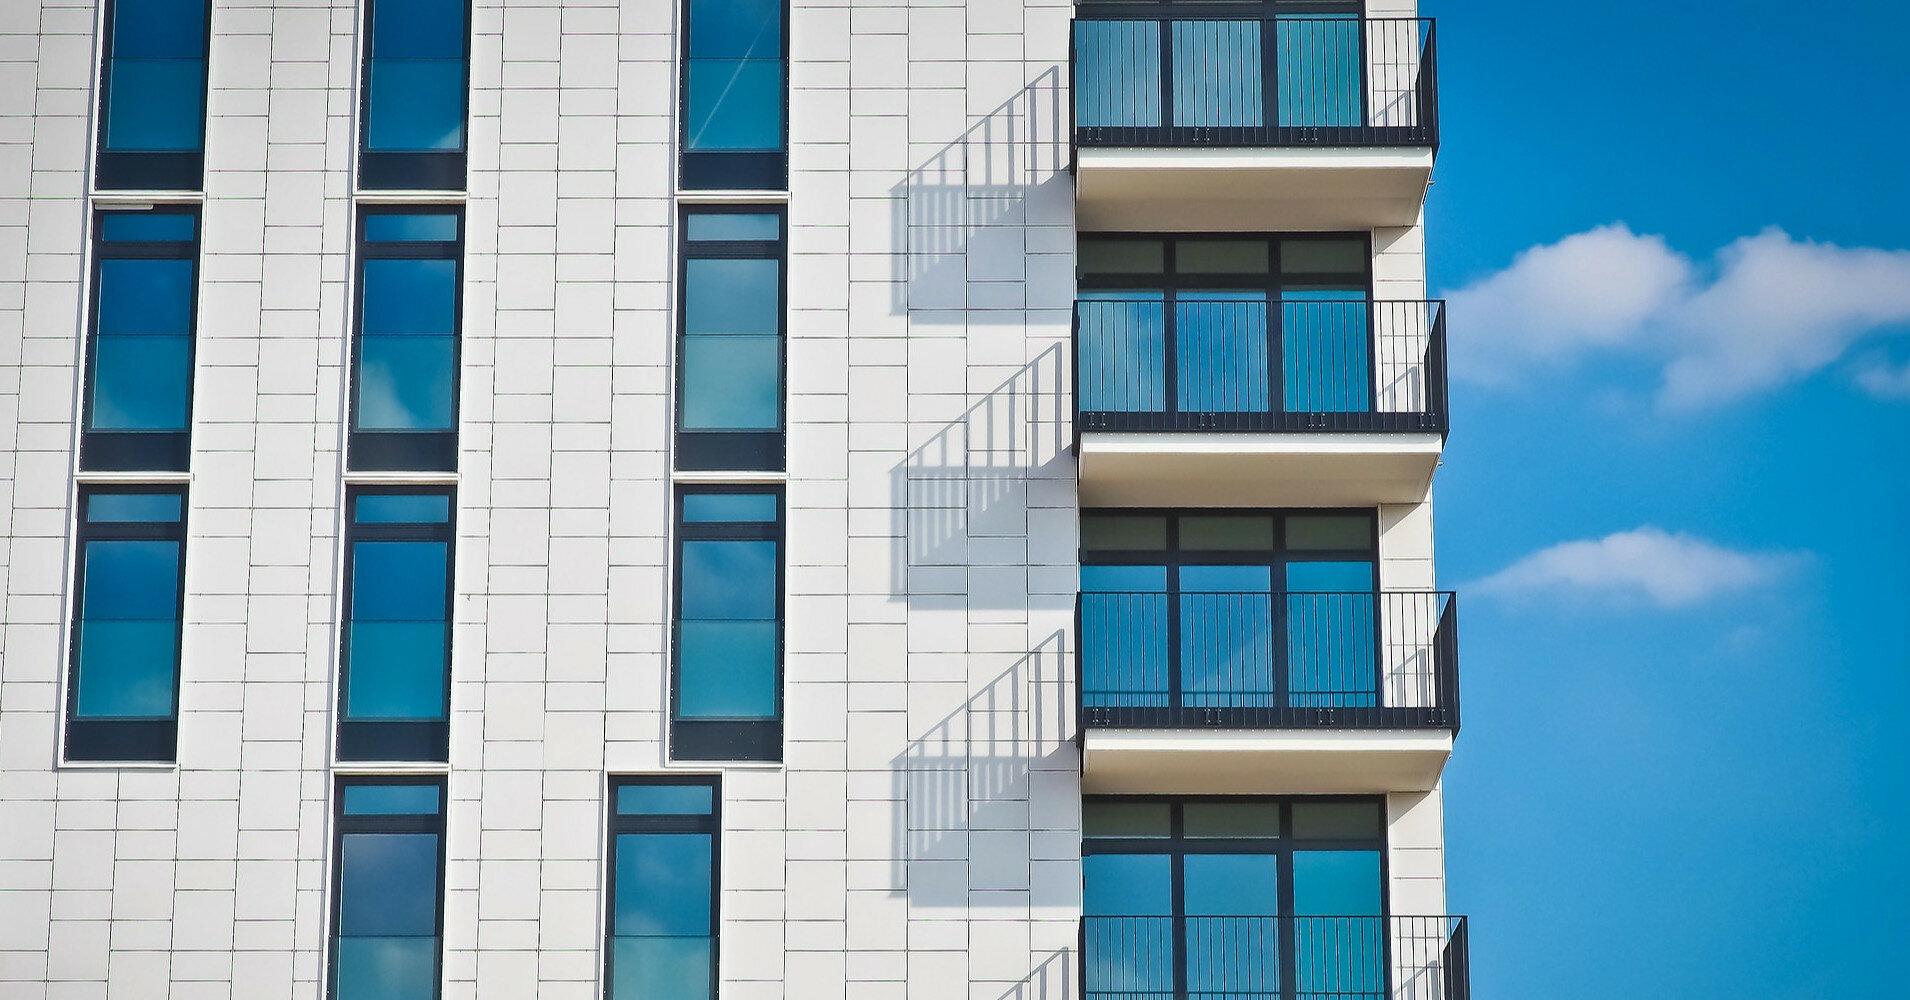 Жителей взорвавшейся многоэтажки под Киевом не пускают в квартиры